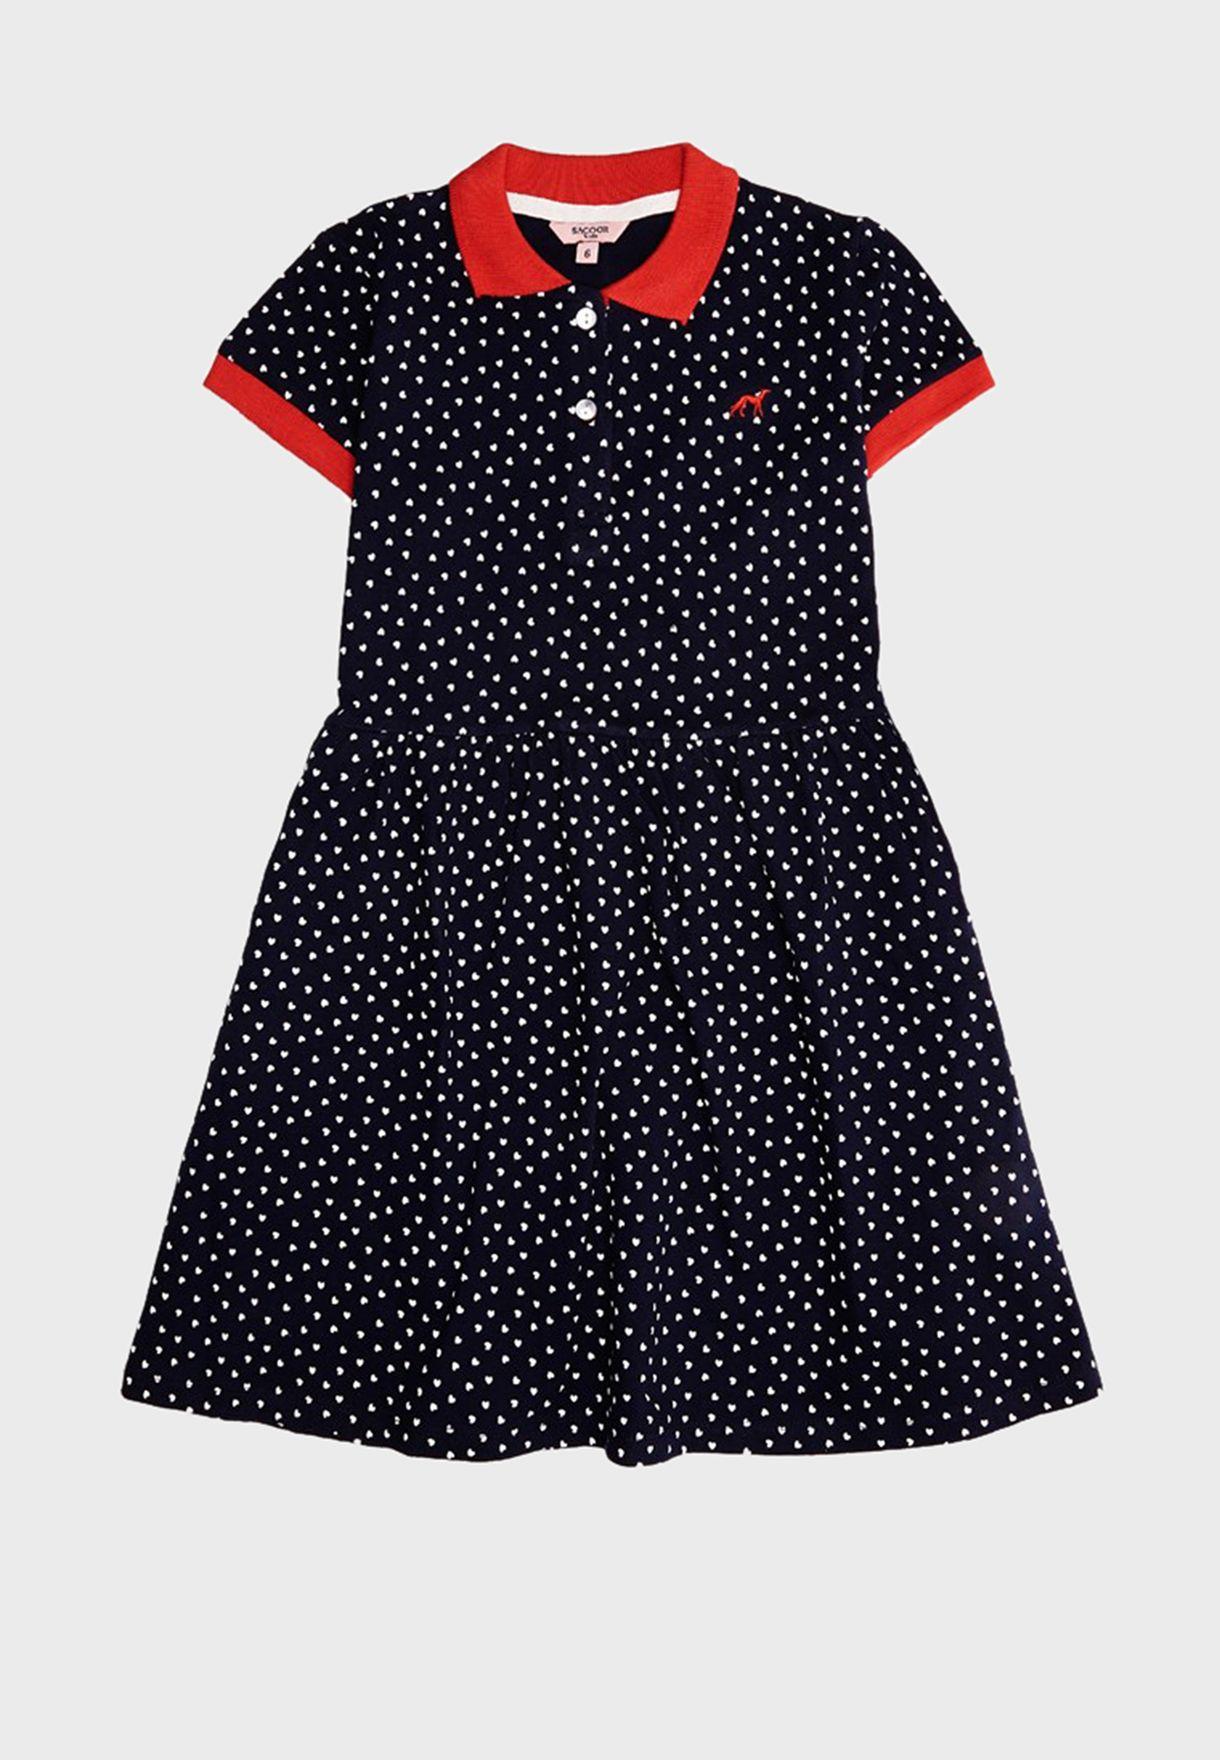 فستان بولو بطباعة قلوب للاطفال